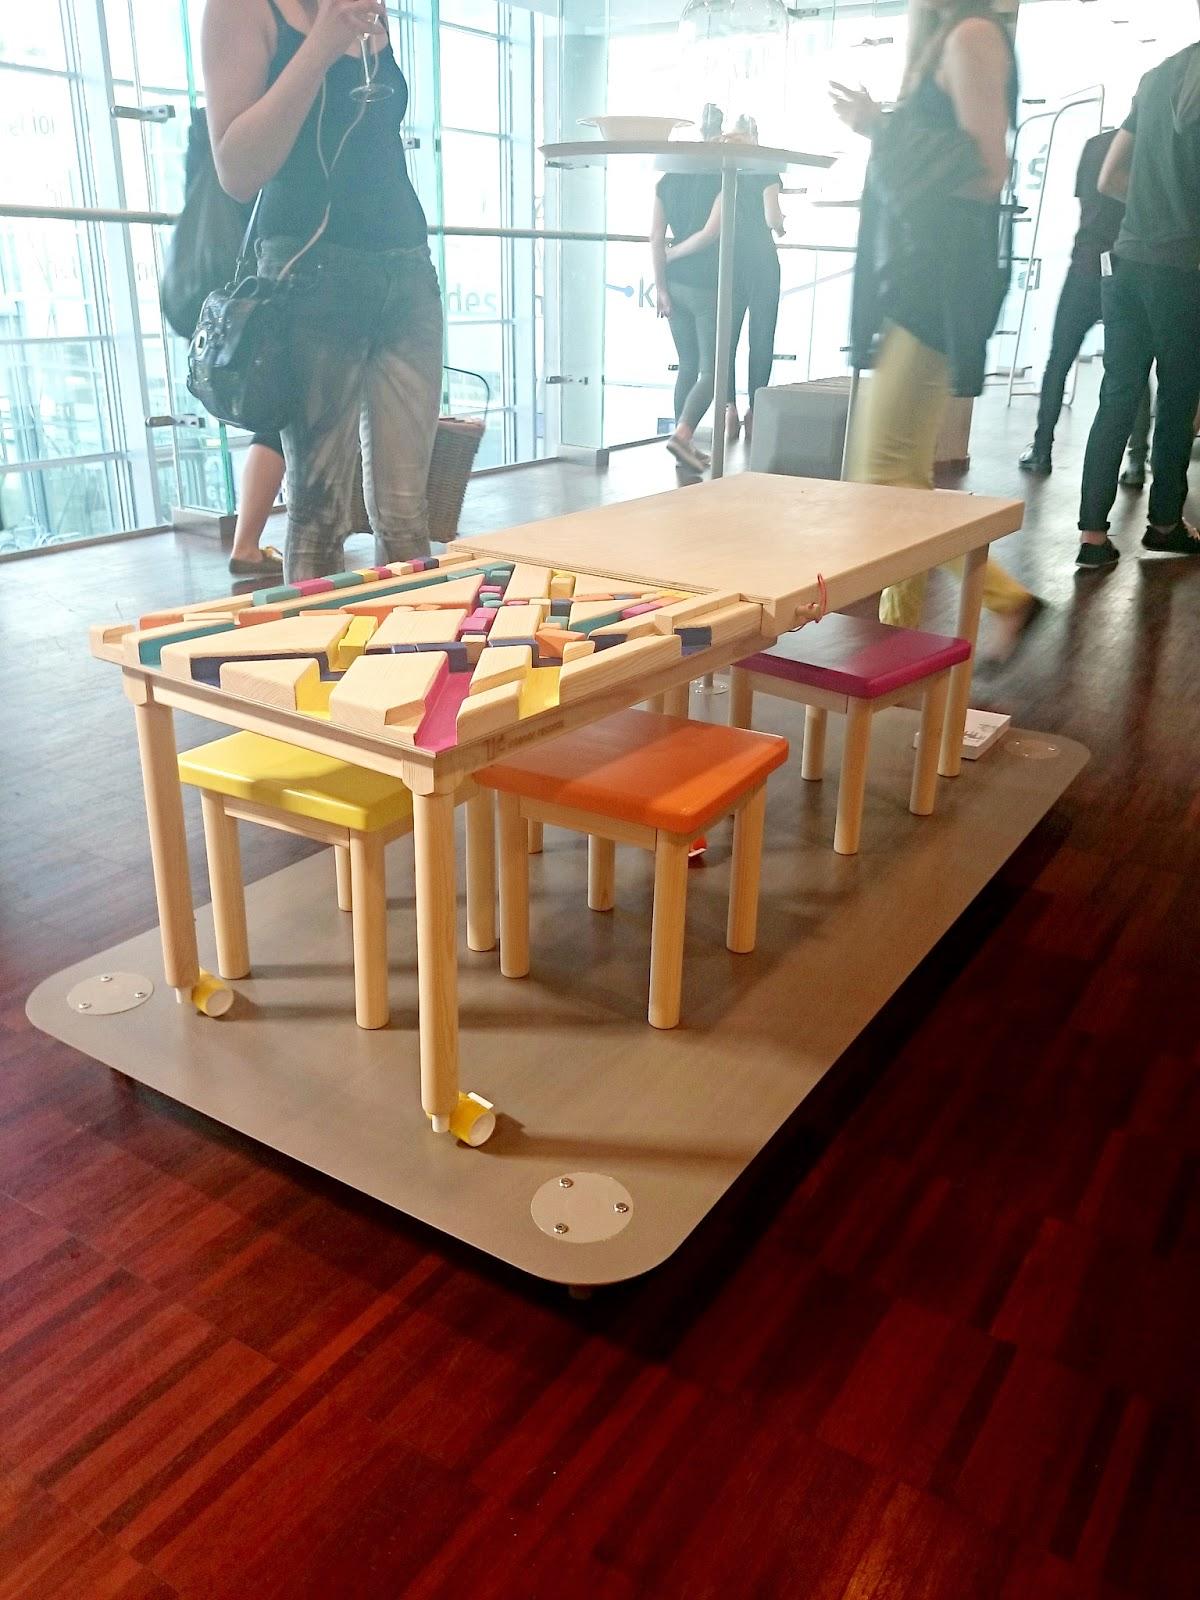 GGD,Gdynia,stolik dla dzieci,prototyp stolika dla dziecka,do pokoju dziecka,design,ekodesign,projektanci na start